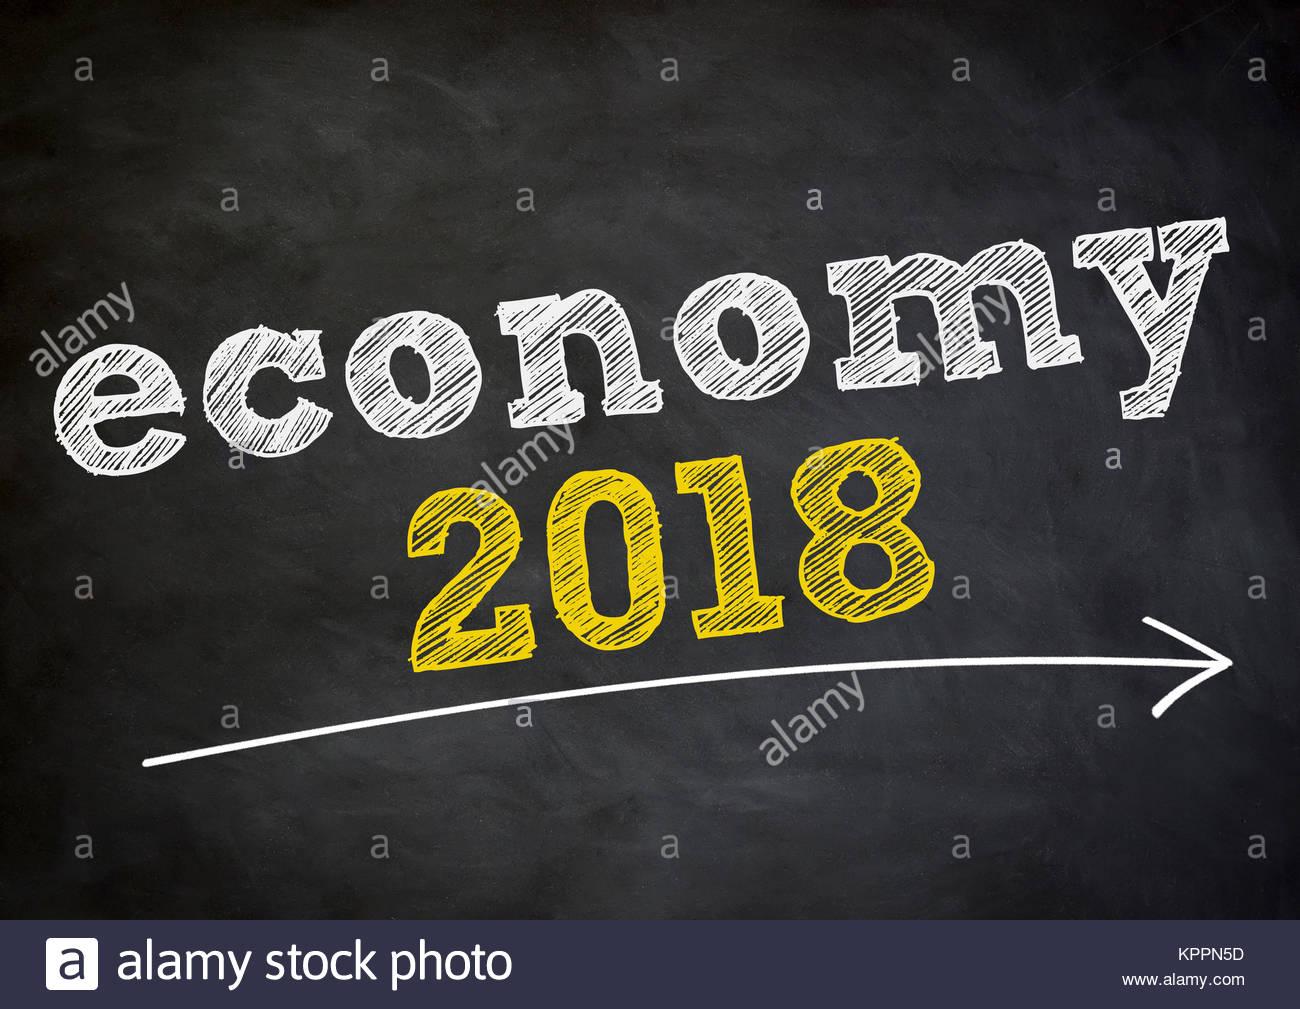 Economy 2018 - Stock Image